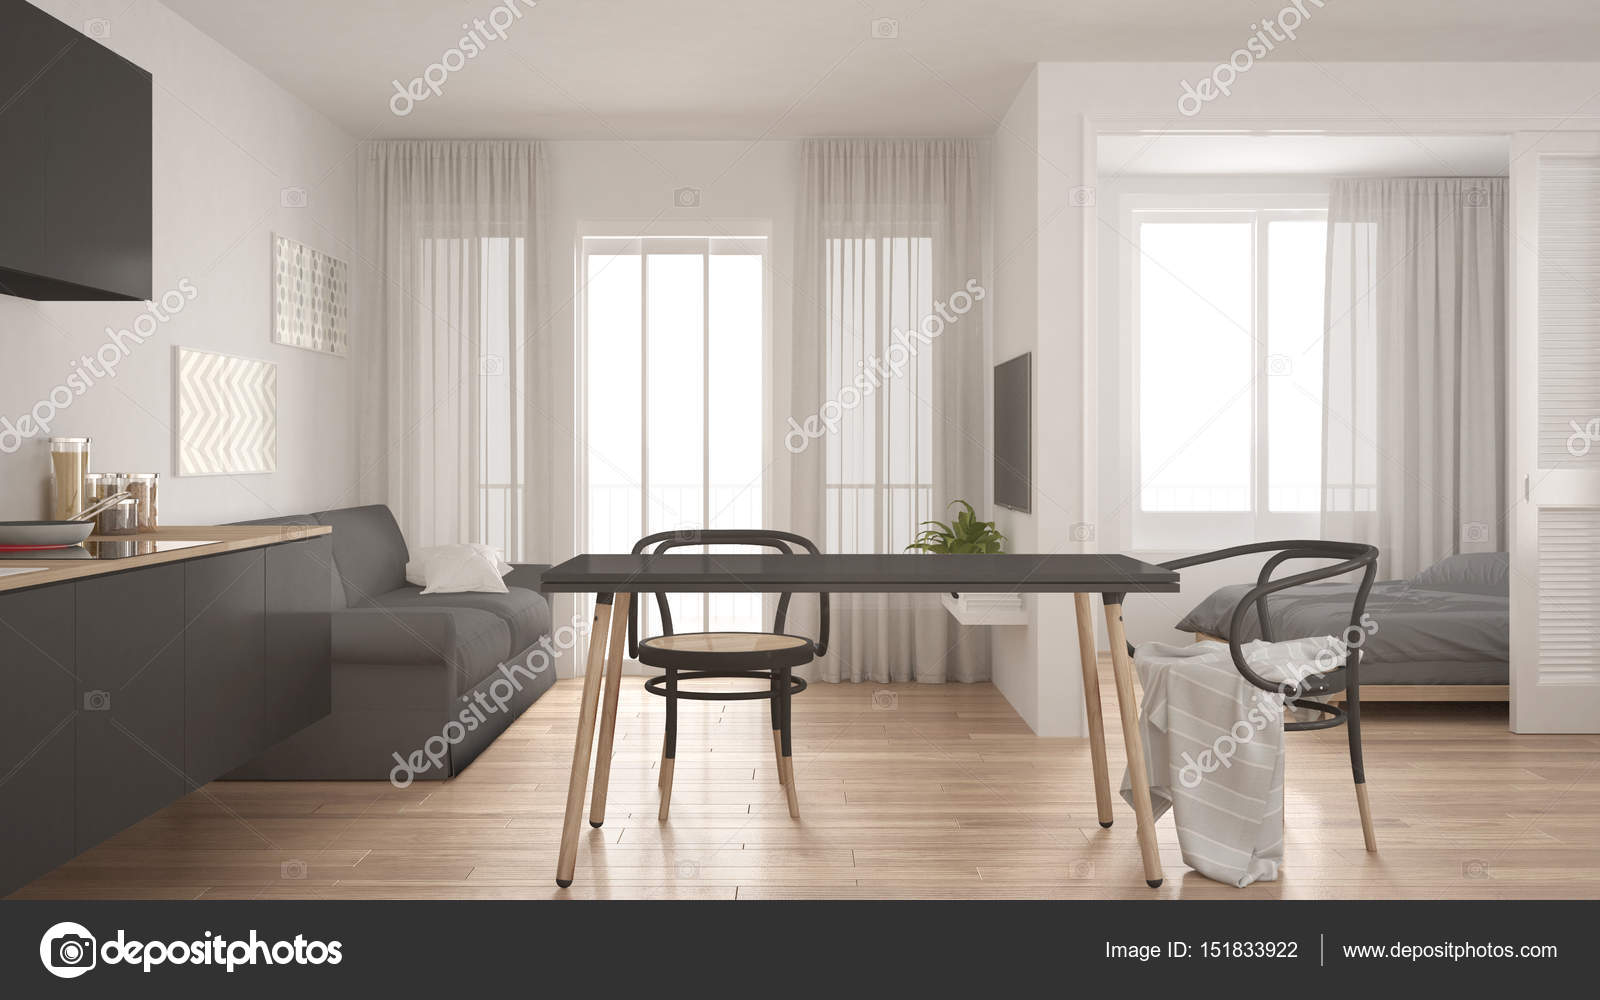 Minimal moderno cucina e soggiorno con camera da letto nel backg ...